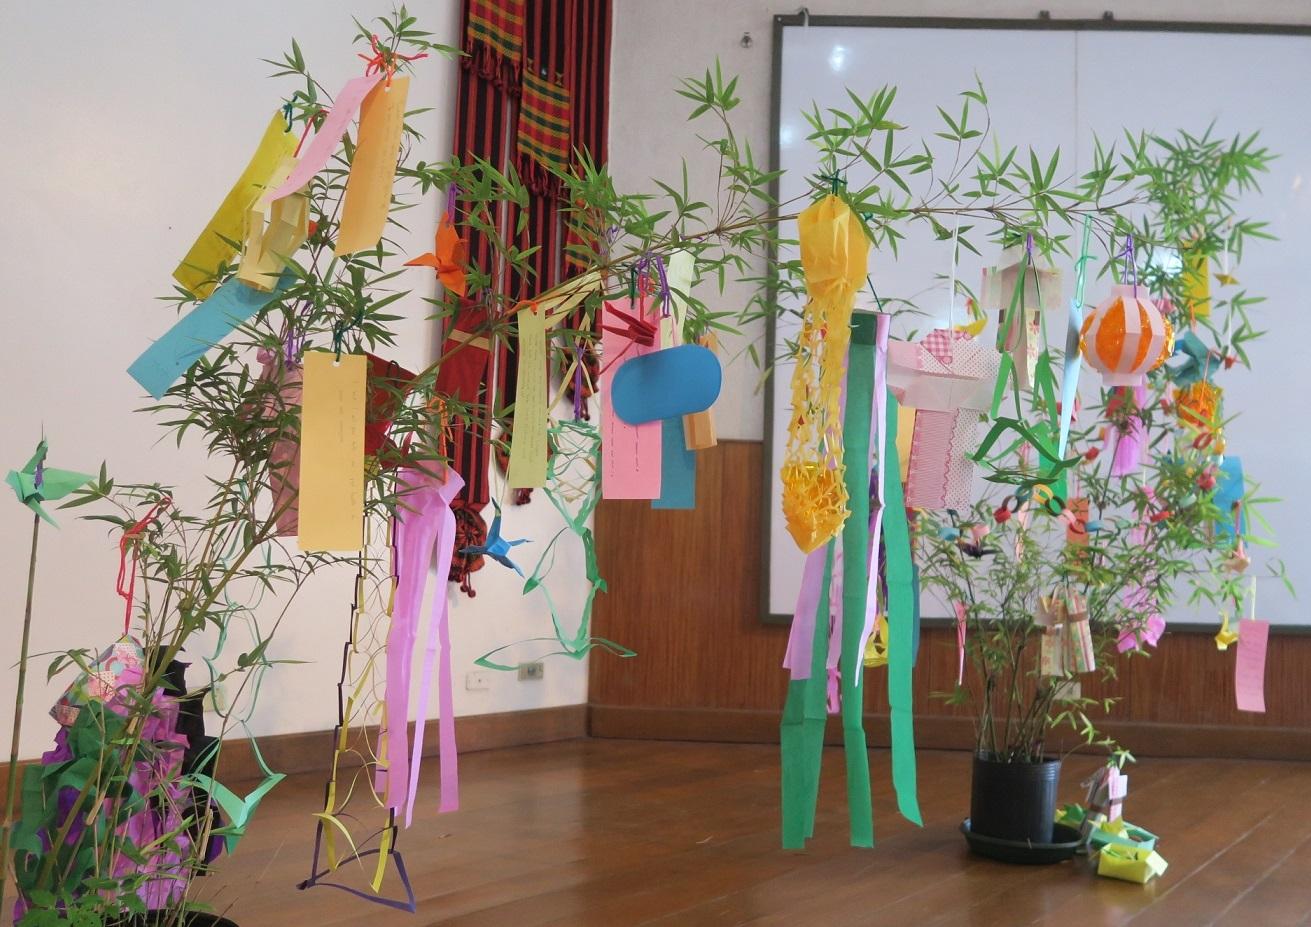 七夕飾りづくり & 長崎・大浦天主堂紙模型づくり ワークショップ Tanabata & Nagasaki Oura Church paper craft workshop_a0109542_12214888.jpg